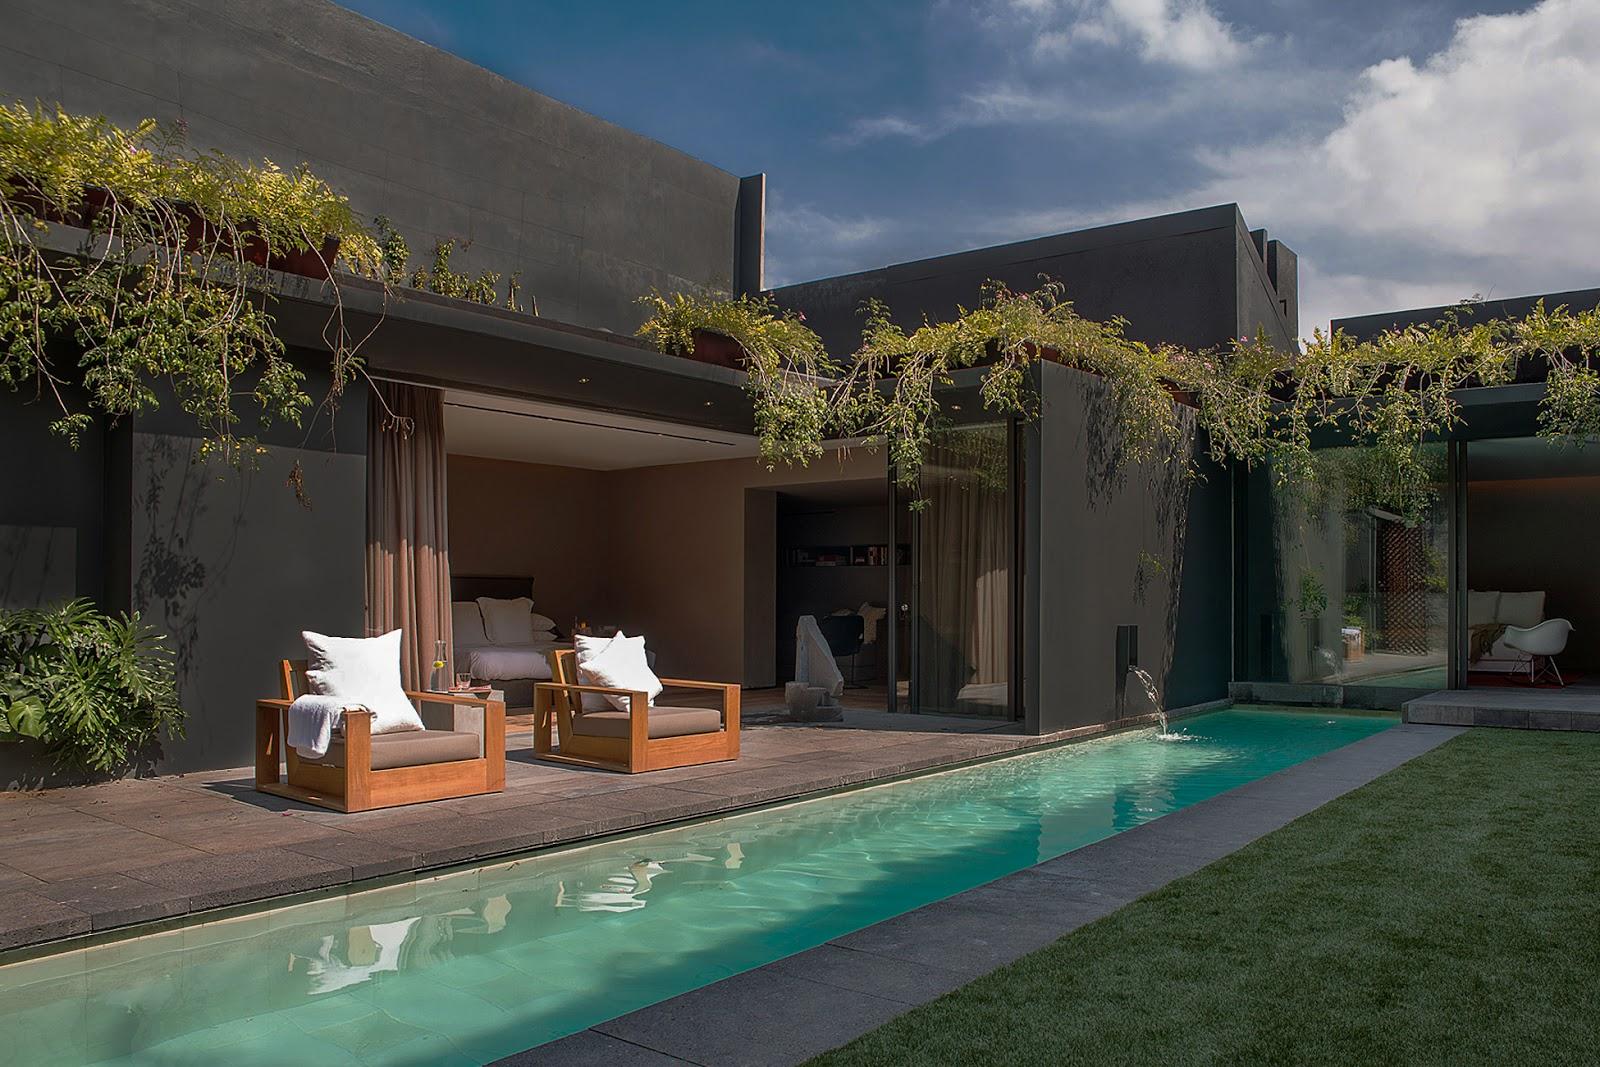 Desain lansekap pada salah satu teras rumah yang bernuansa tropical - source: ezequielfarca.com